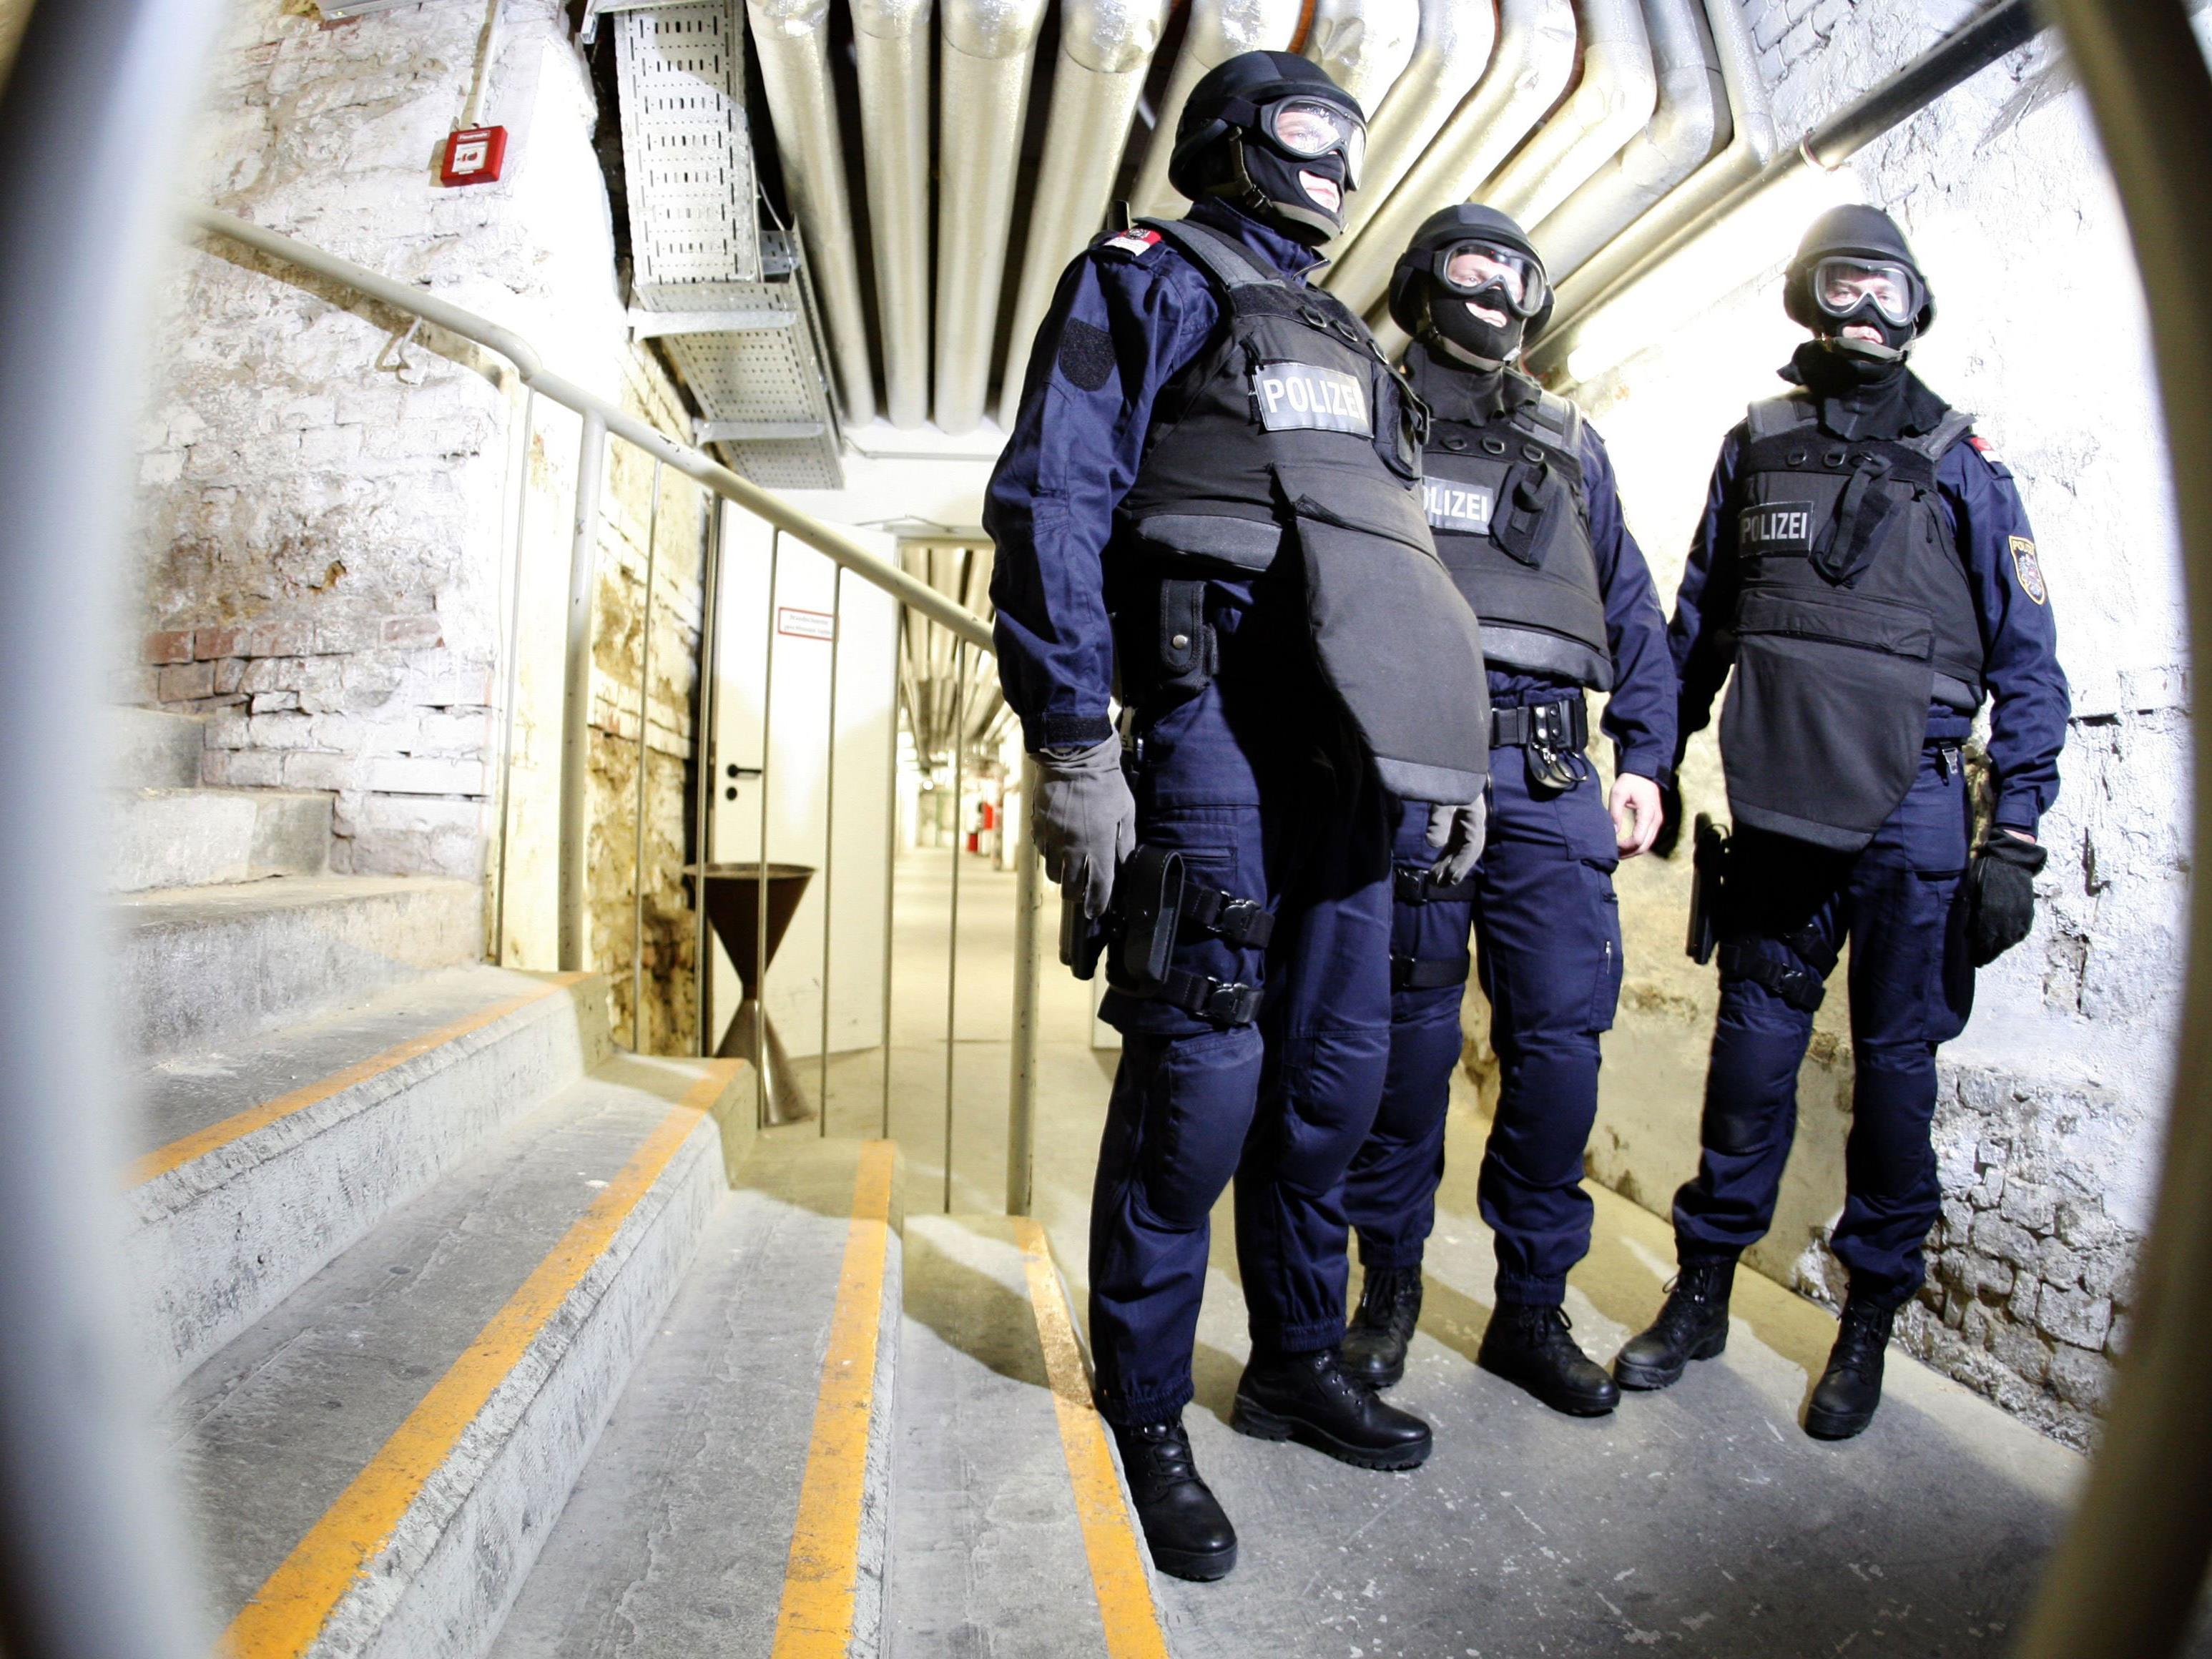 Die Vorfälle in Liesing führten zu einer Festnahme durch die WEGA